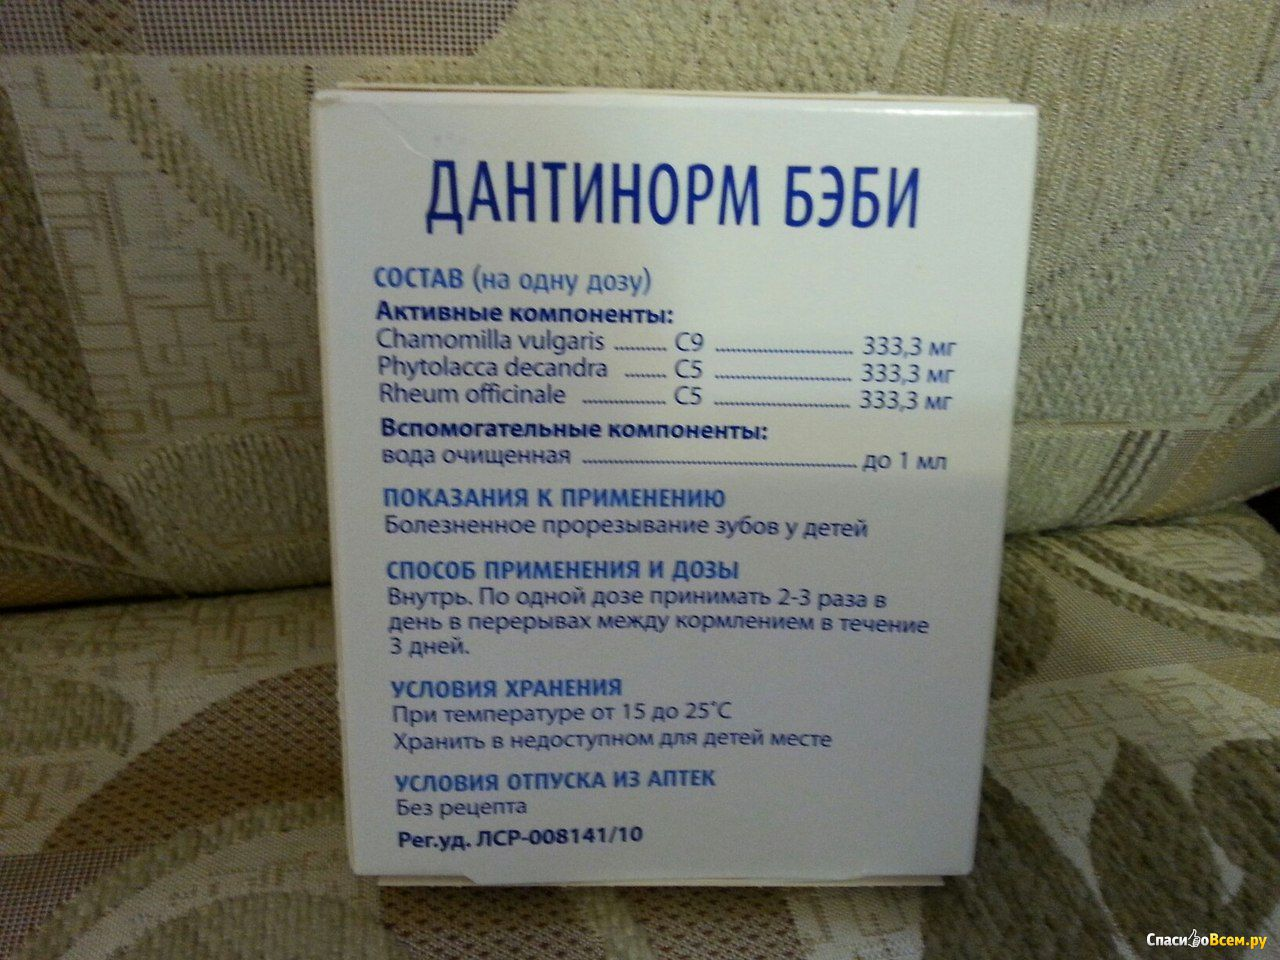 Дантинорм бэби - 13 отзывов, инструкция по применению